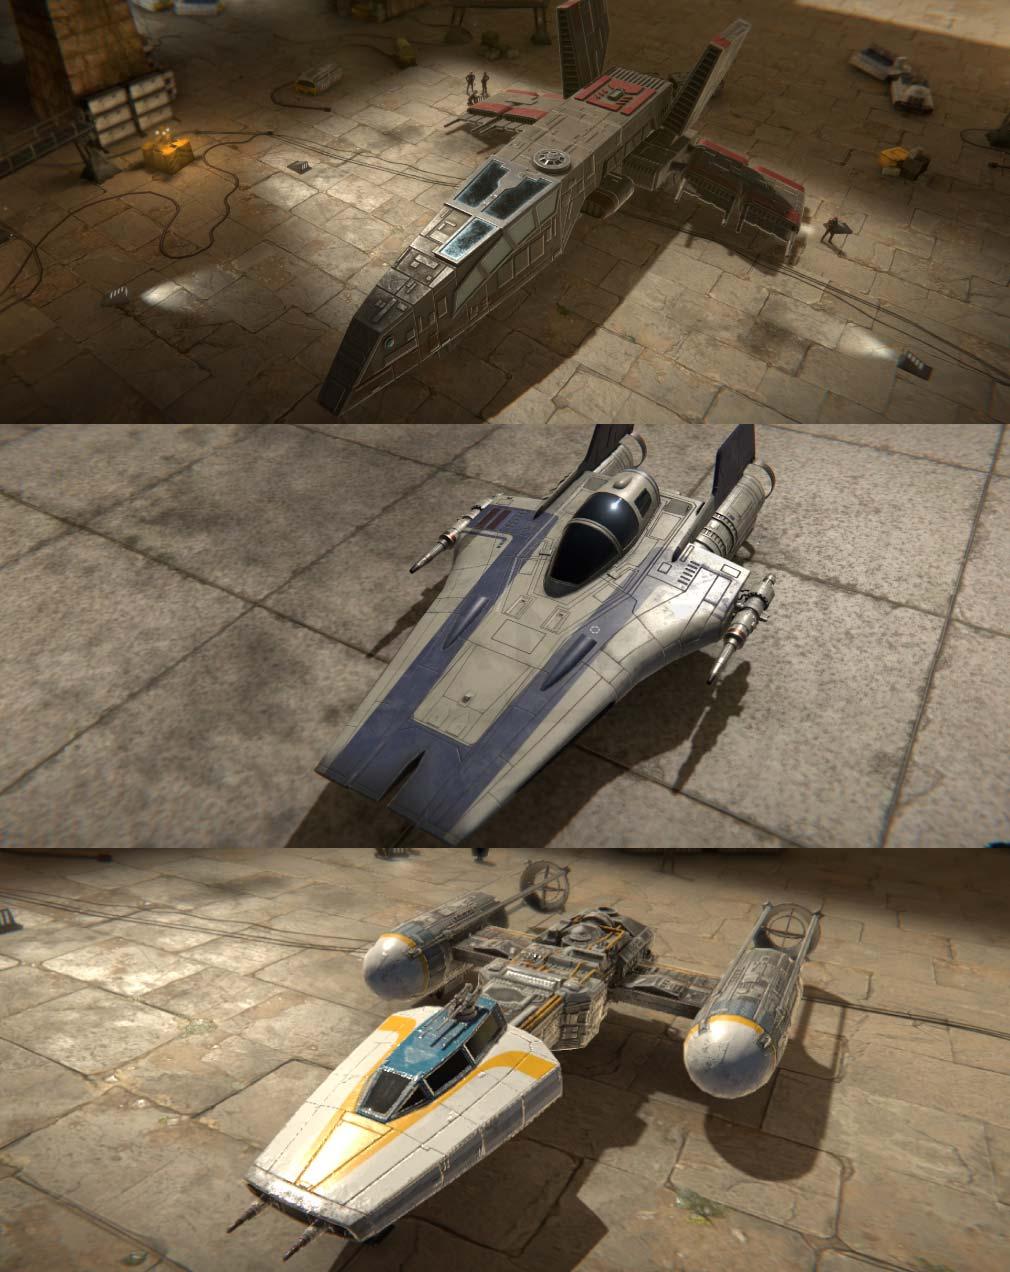 スターウォーズ:スターファイター・ミッション(Star Wars: Starfighter Missions) 陣営毎の戦闘機紹介イメージ